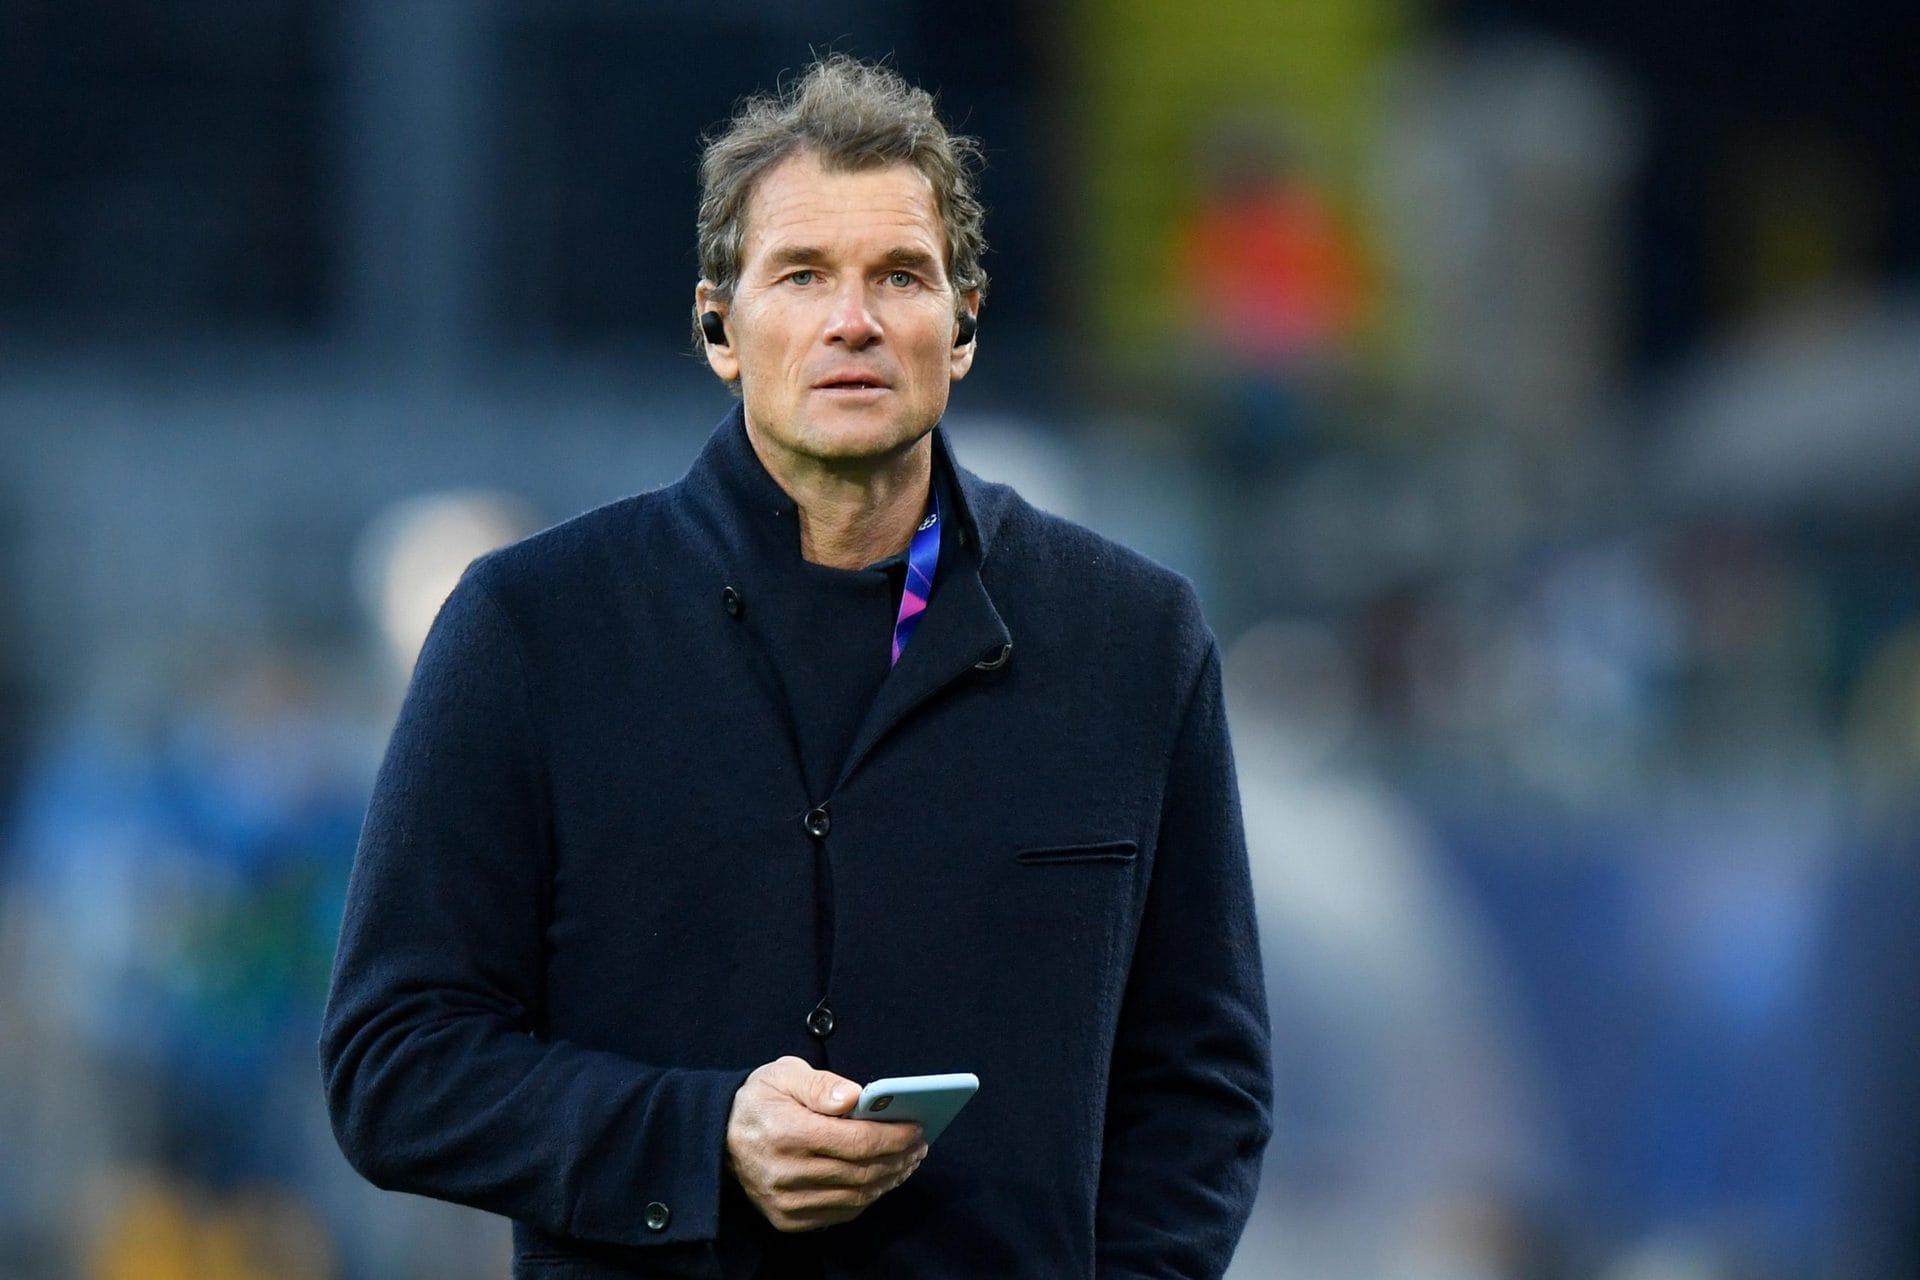 Nach WhatsApp-Eklat: Hertha-Investor wirft Lehmann raus Nachricht an Sky-Experte Aogo